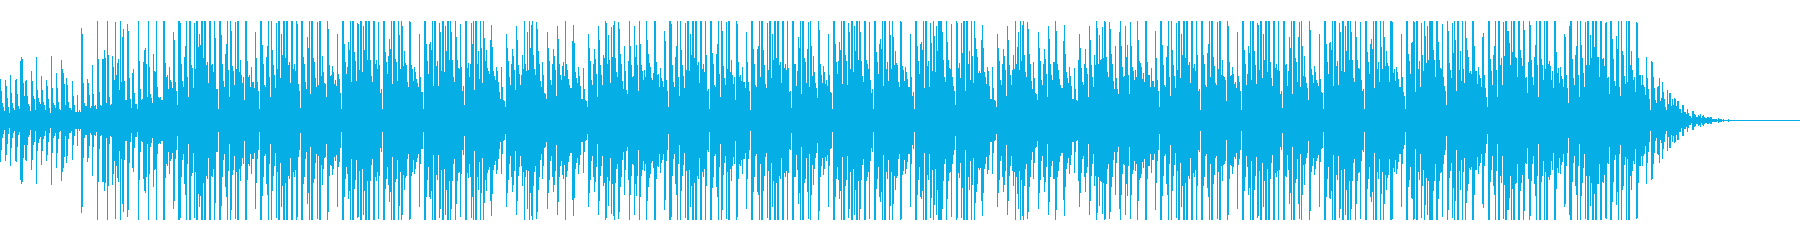 中東をイメージしたTrapビートの再生済みの波形